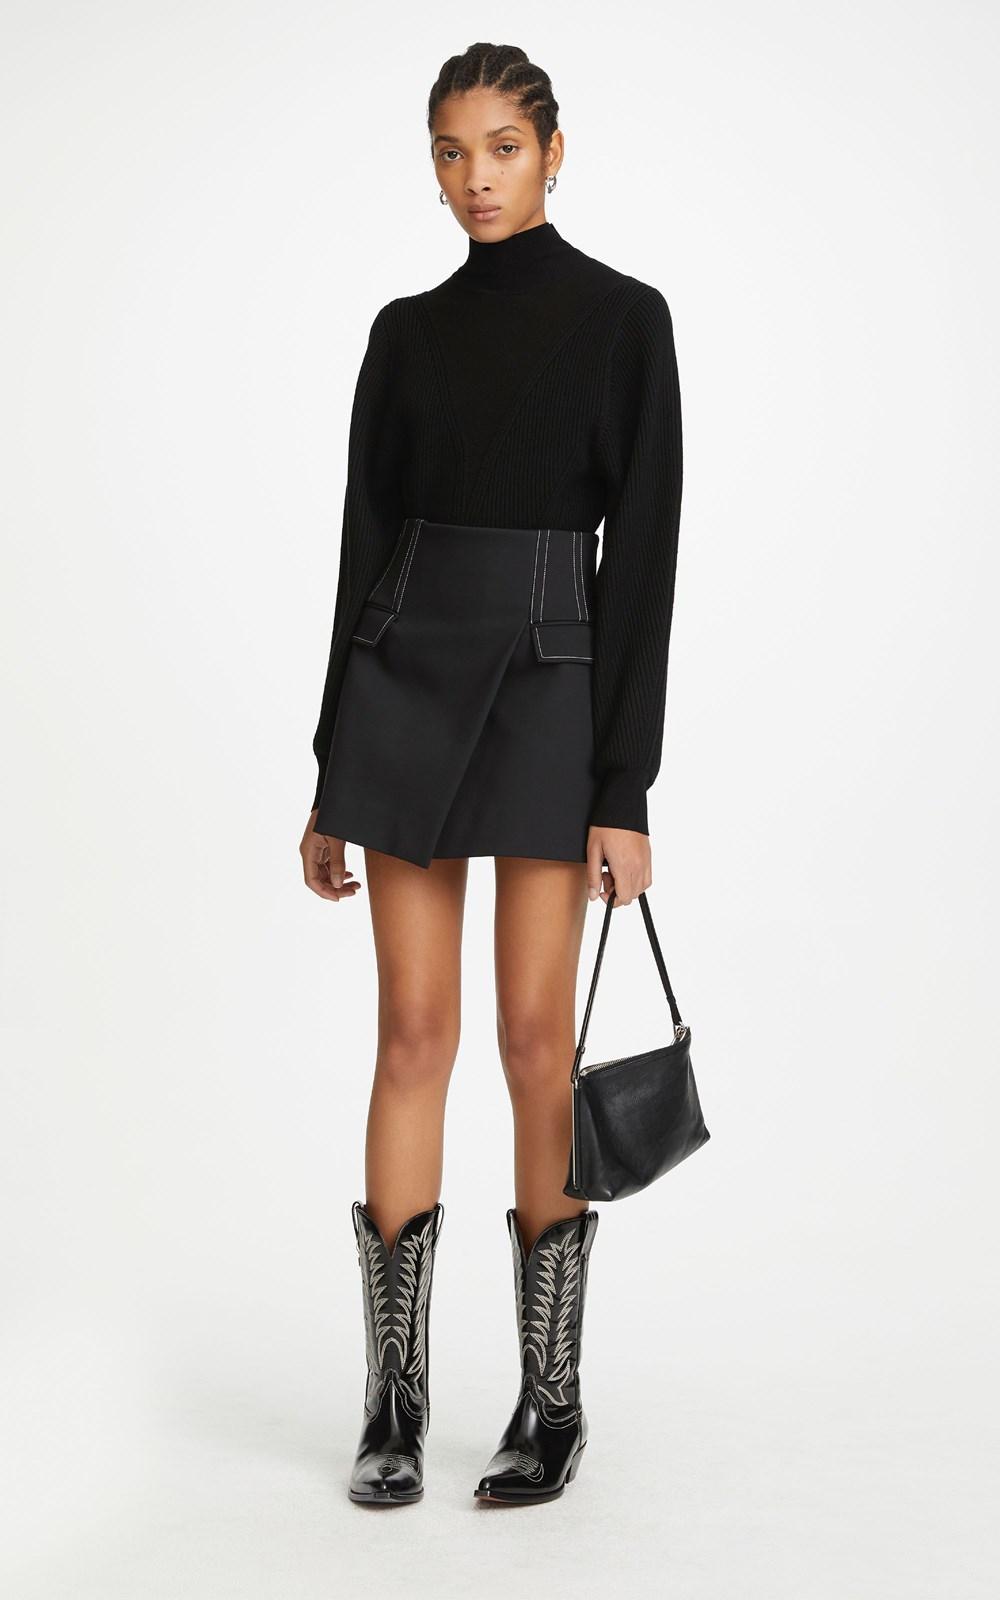 Knitwear | MERINO HOSIERY SWEATER